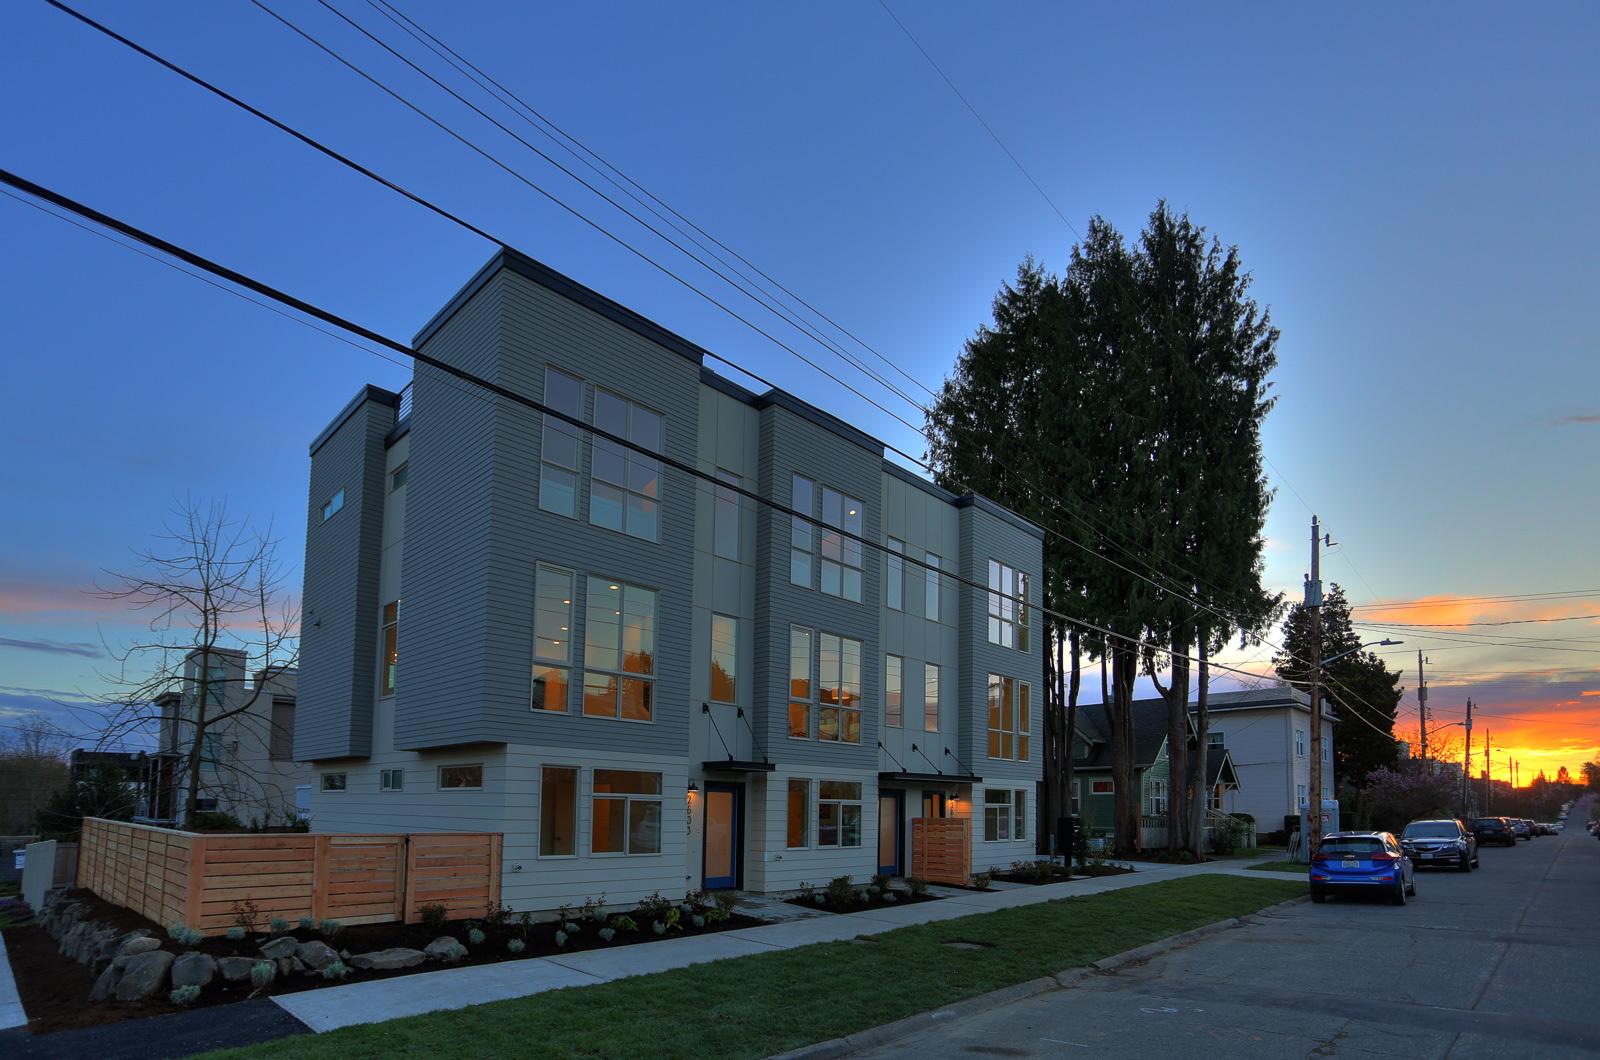 2605 Nw 64th St, Seattle, WA - USA (photo 1)